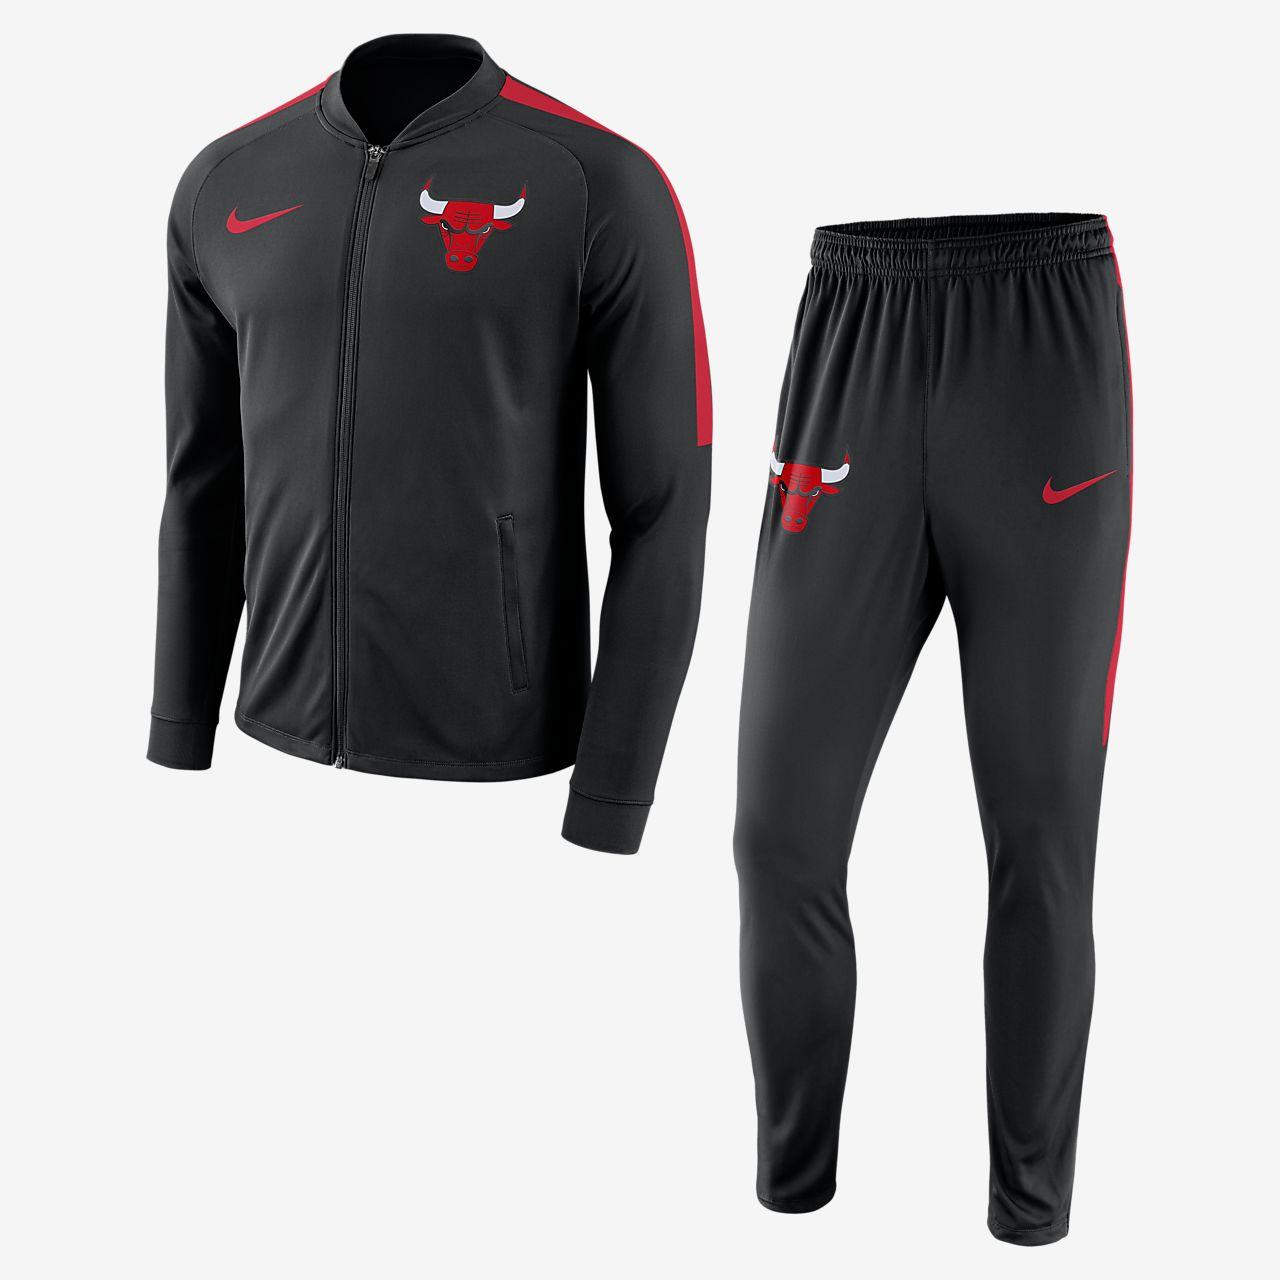 ... Chicago Bulls Nike Dry Men's NBA Track Suit